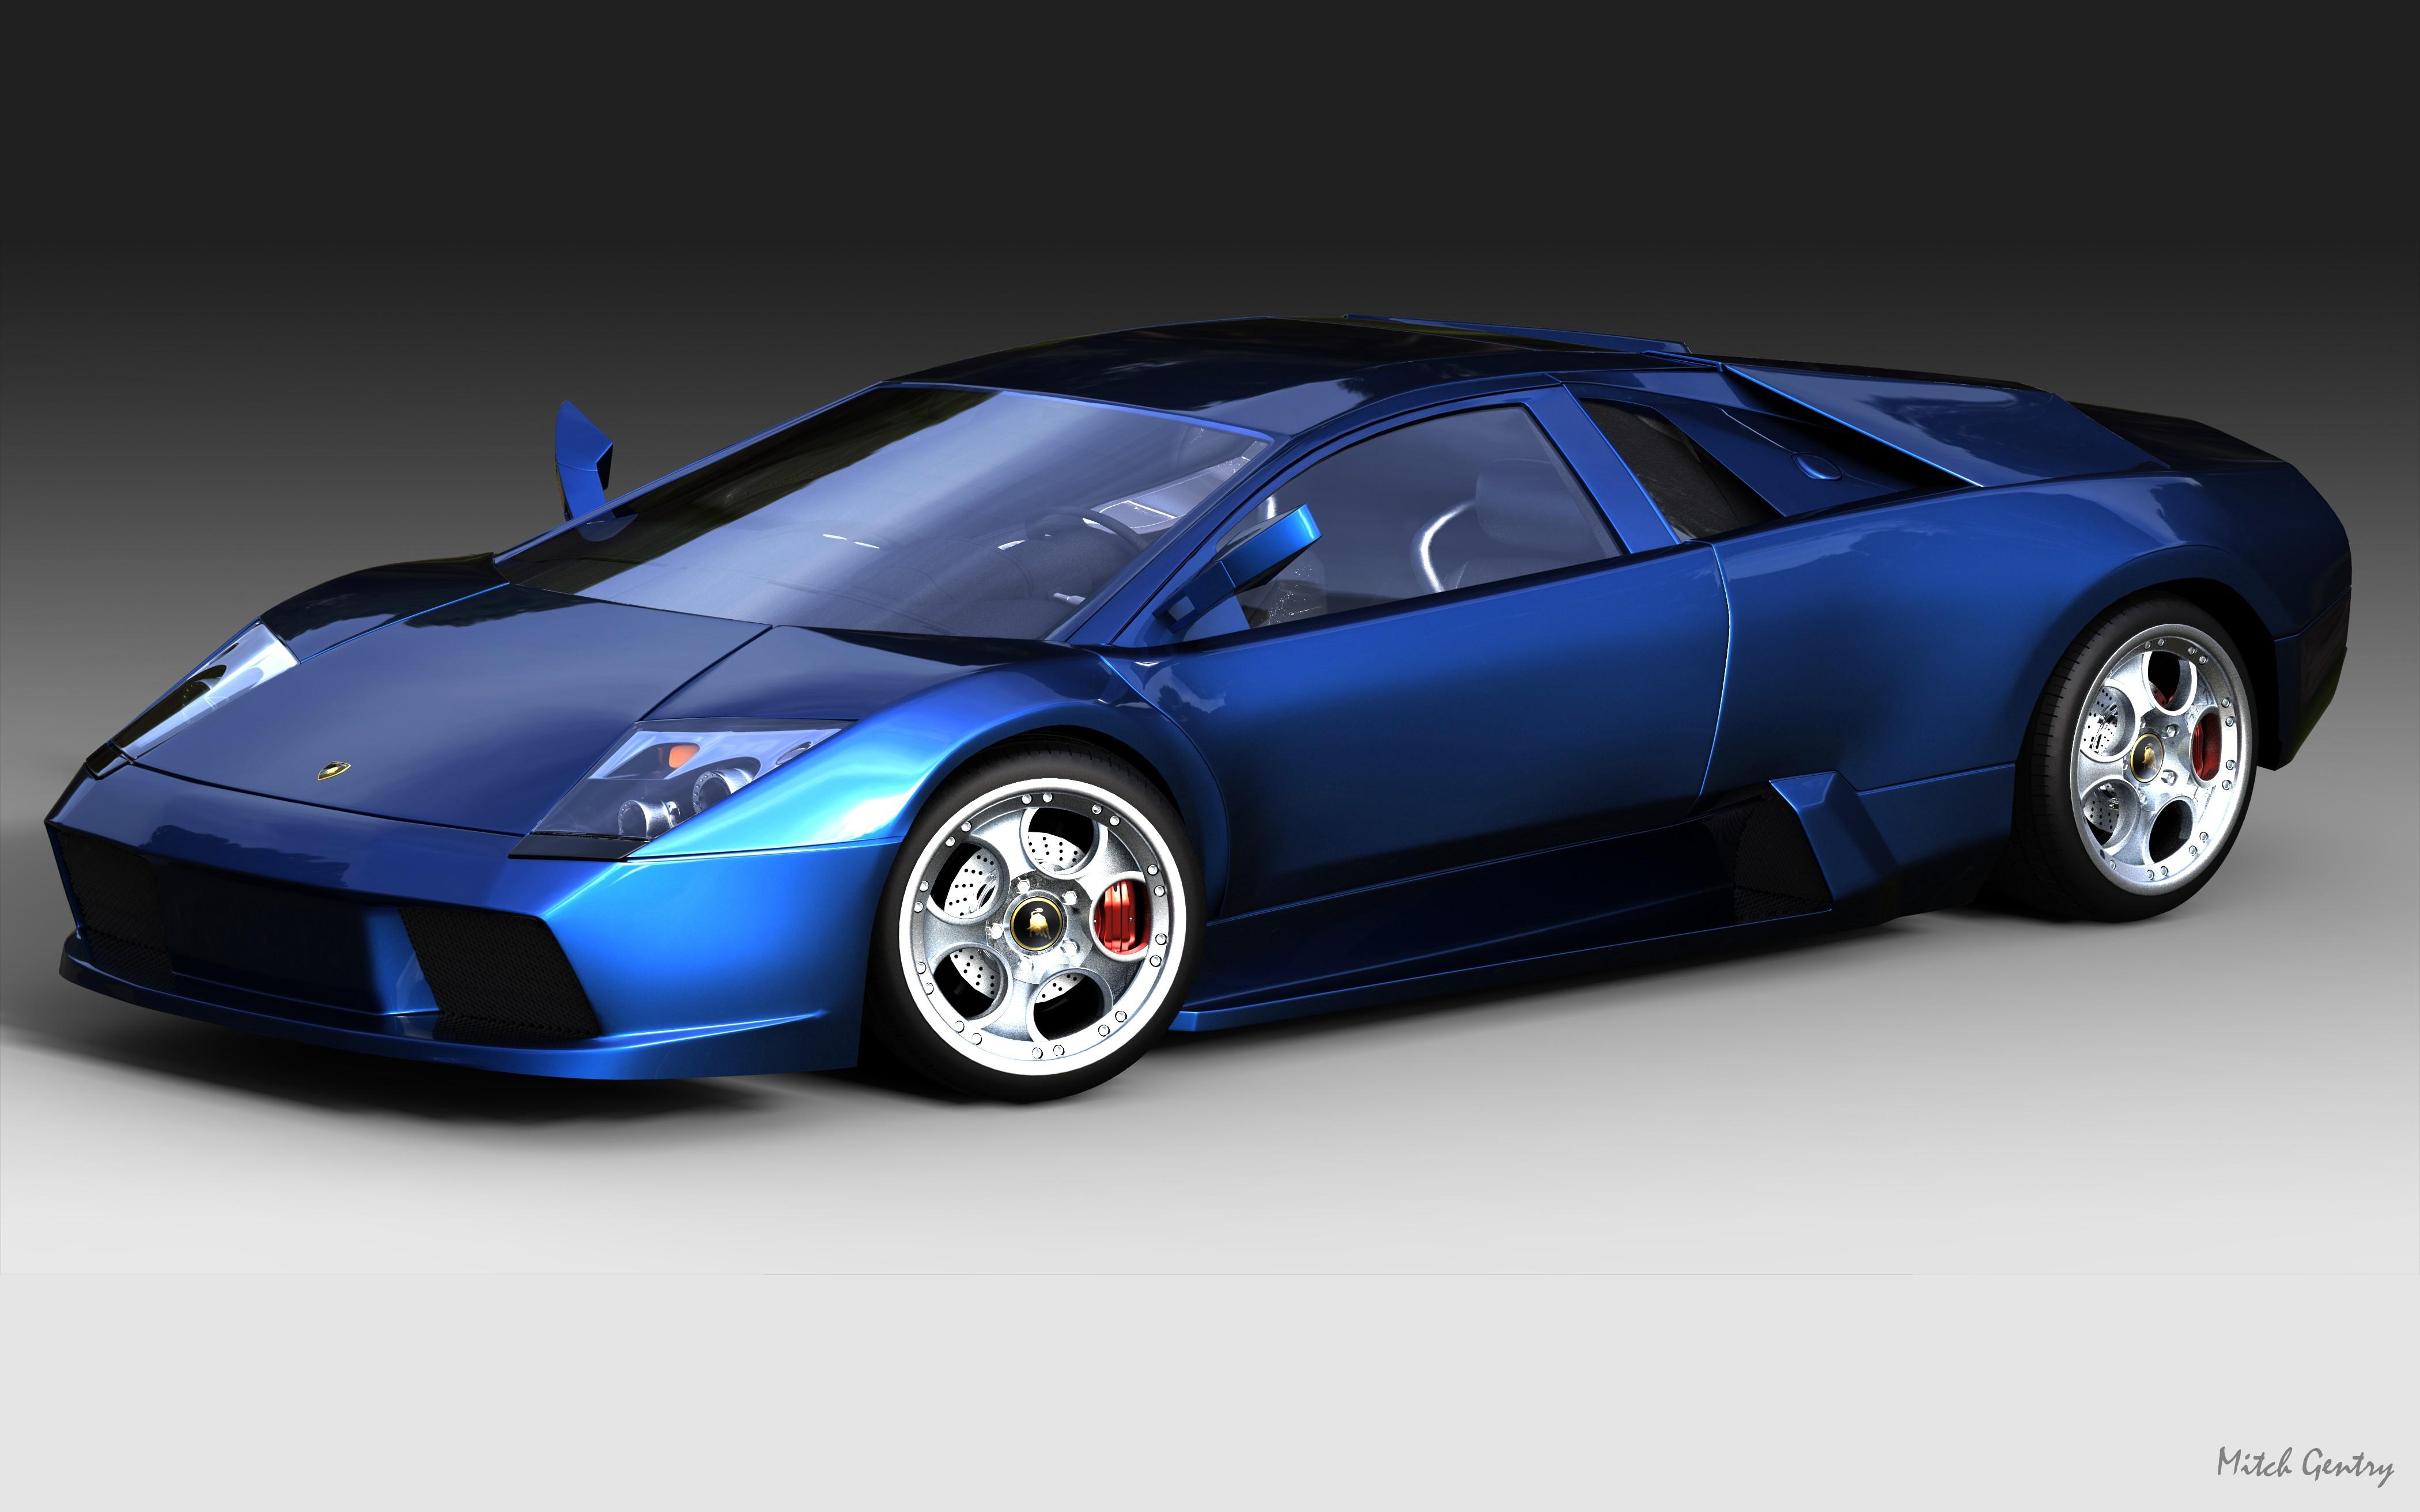 Hinh Nền Xe Hơi Xe Mau Xanh Xe Thể Thao Lamborghini Murcielago